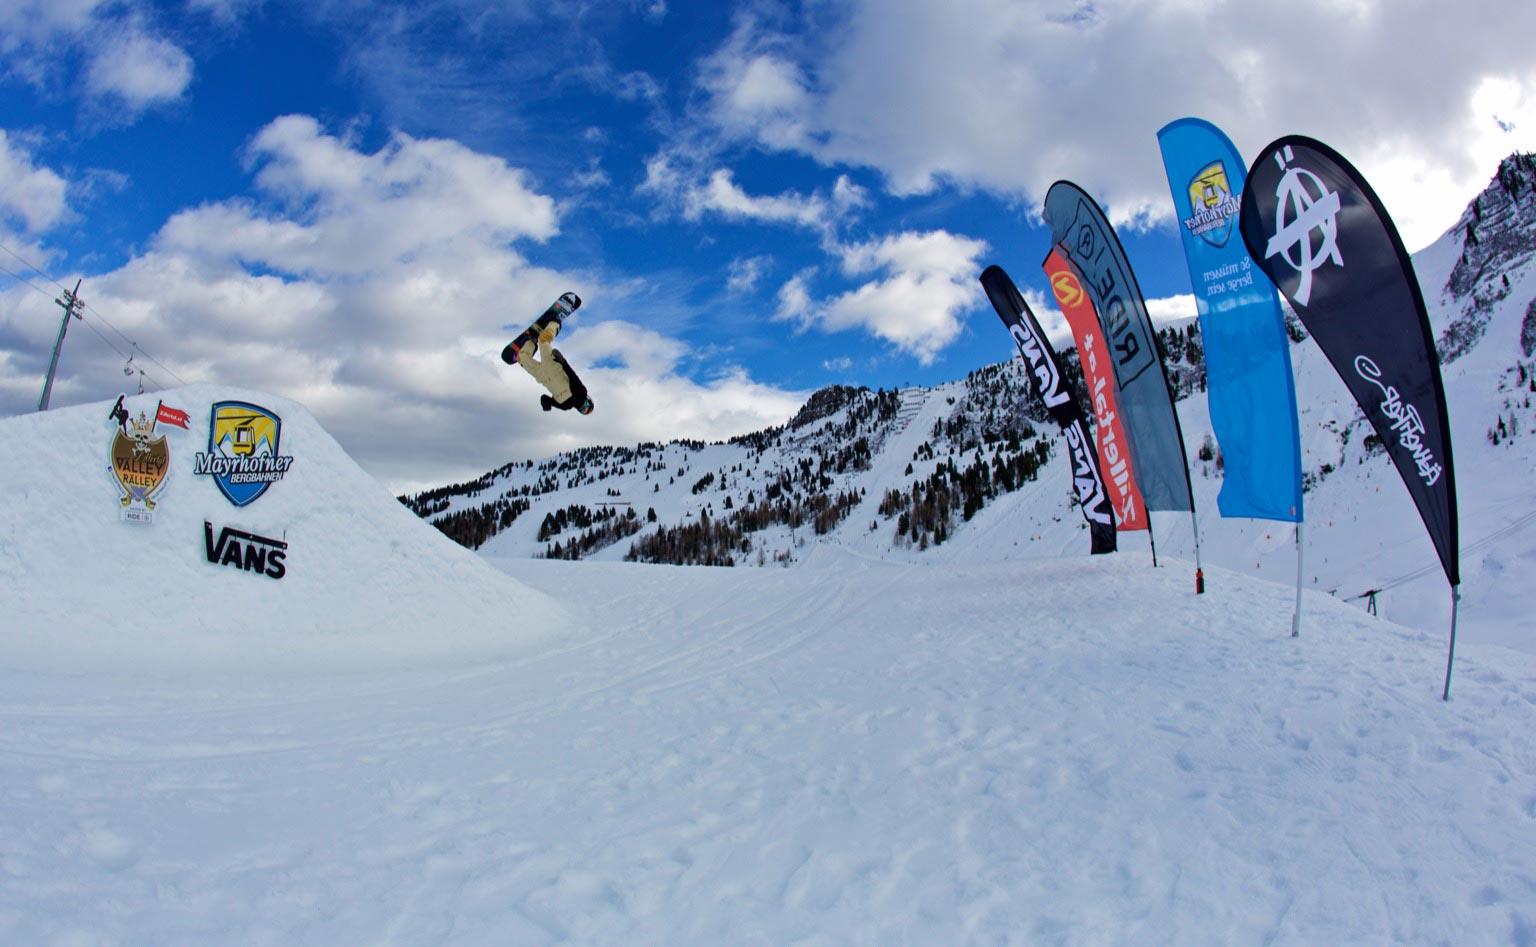 Neben vielen Sideevents sowie einem neuen Highlight steht auch beim großen Finale in Mayrhofen das gemeinsame Shredden im Vordergrund - Foto: Gustav Ohlsson